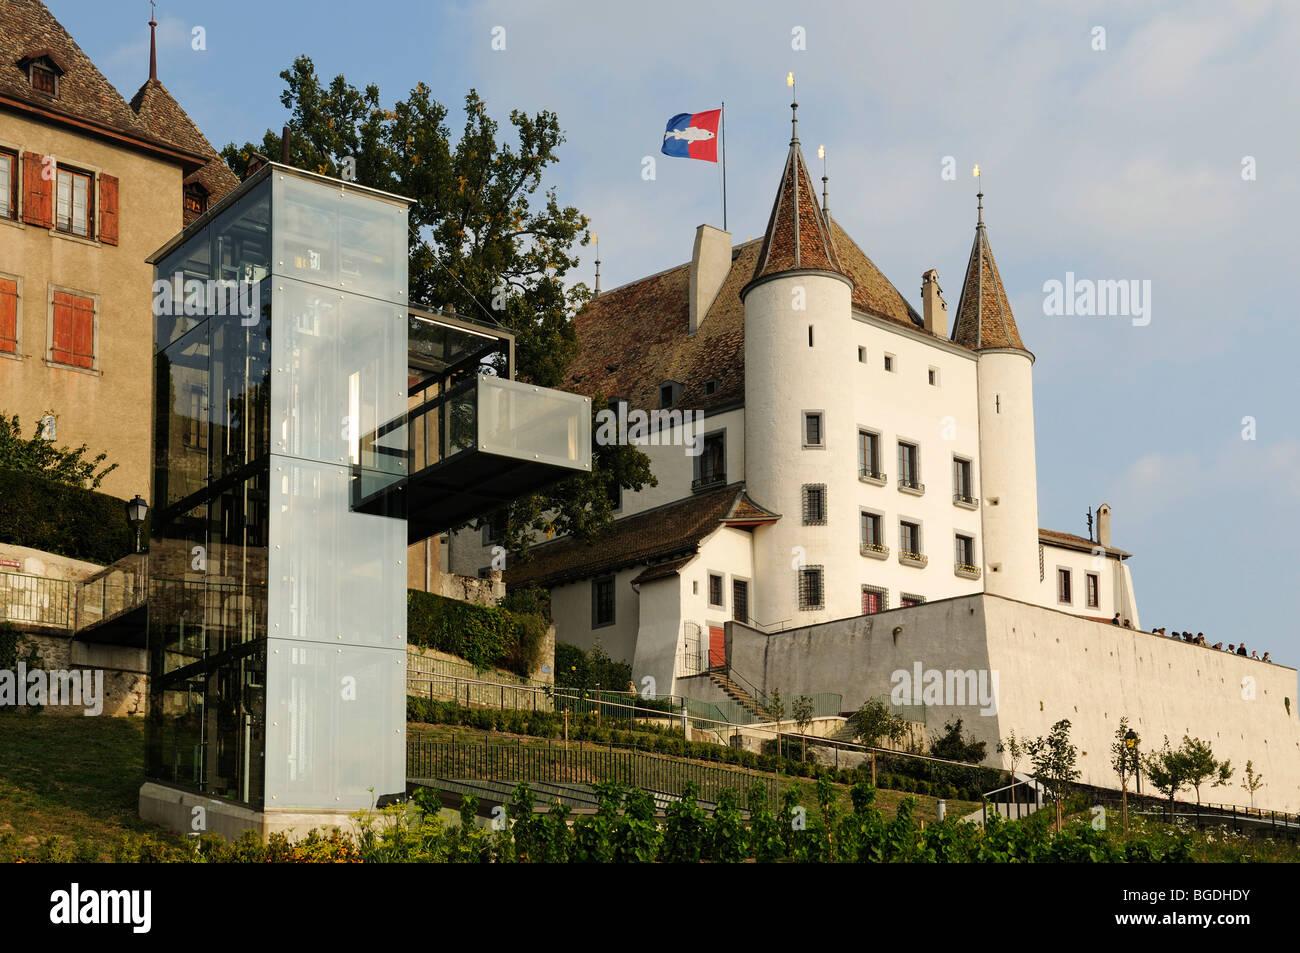 Chateau de Nyon palace, Lake Geneva, Canton Vaud, Switzerland, Europe - Stock Image